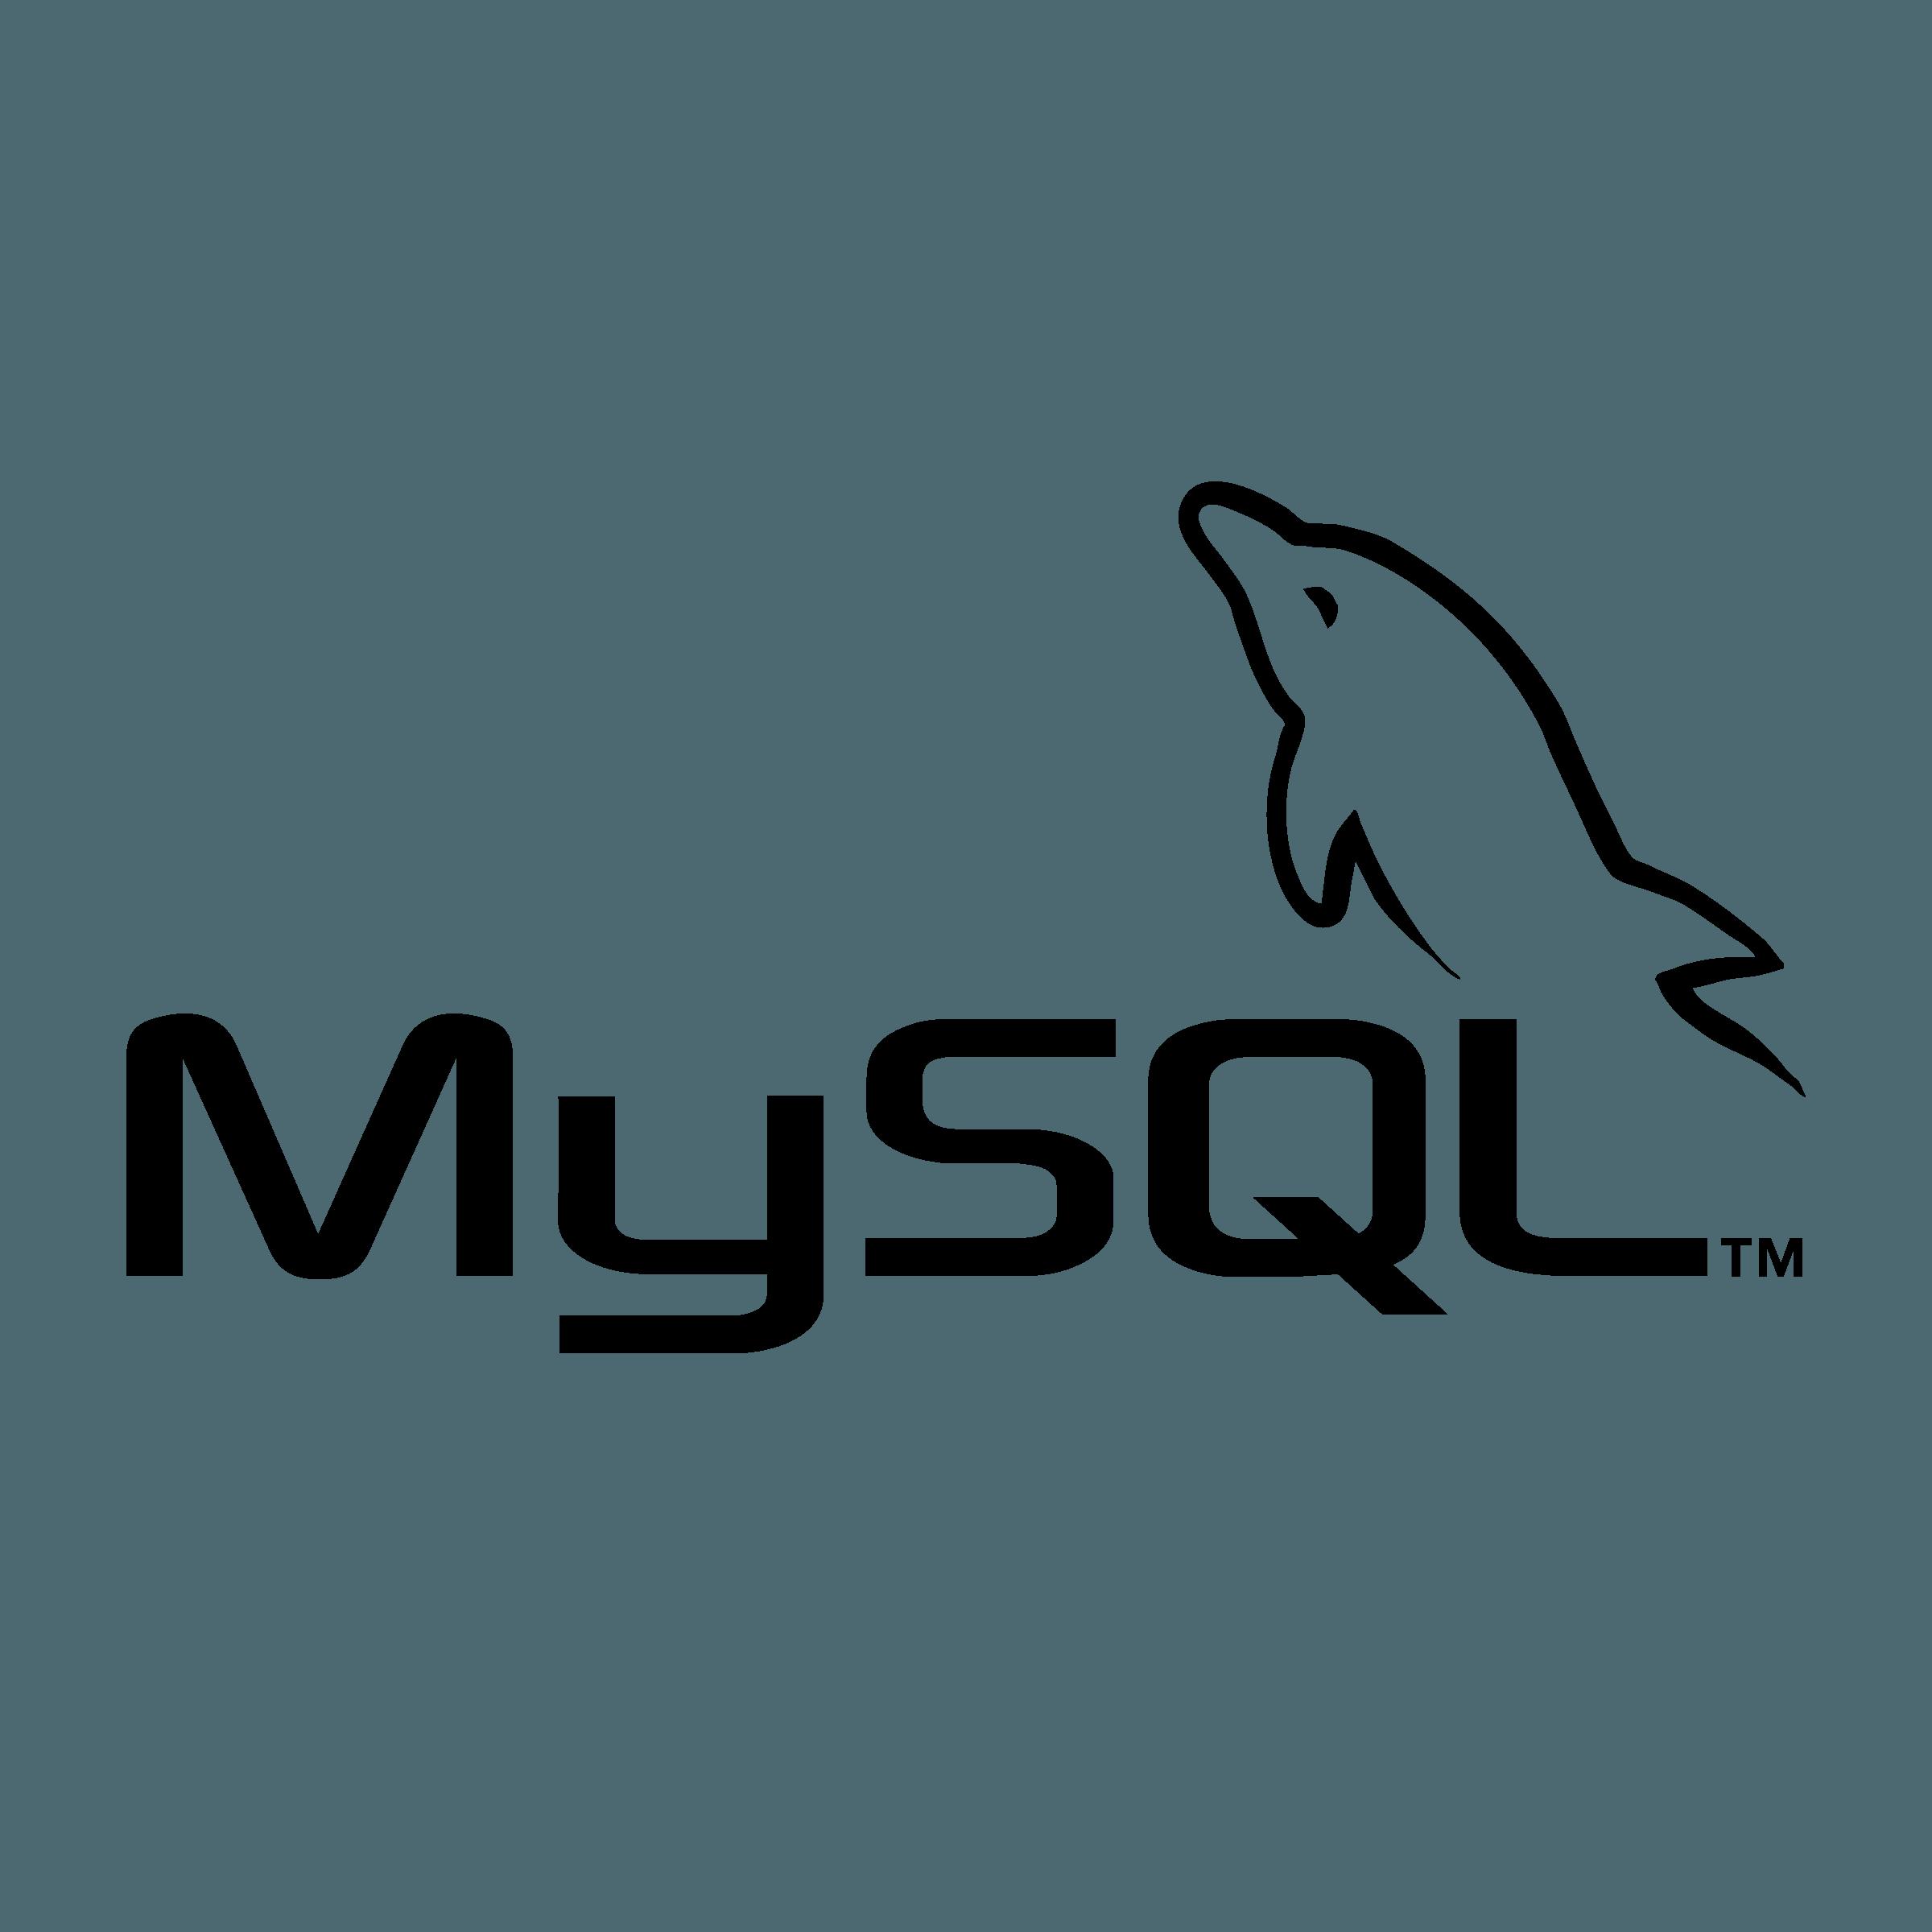 MySQL es un sistema de gestión de bases de datos relacional, aprenderemos a crear bases de datos, tabla y relacionarla entre si.